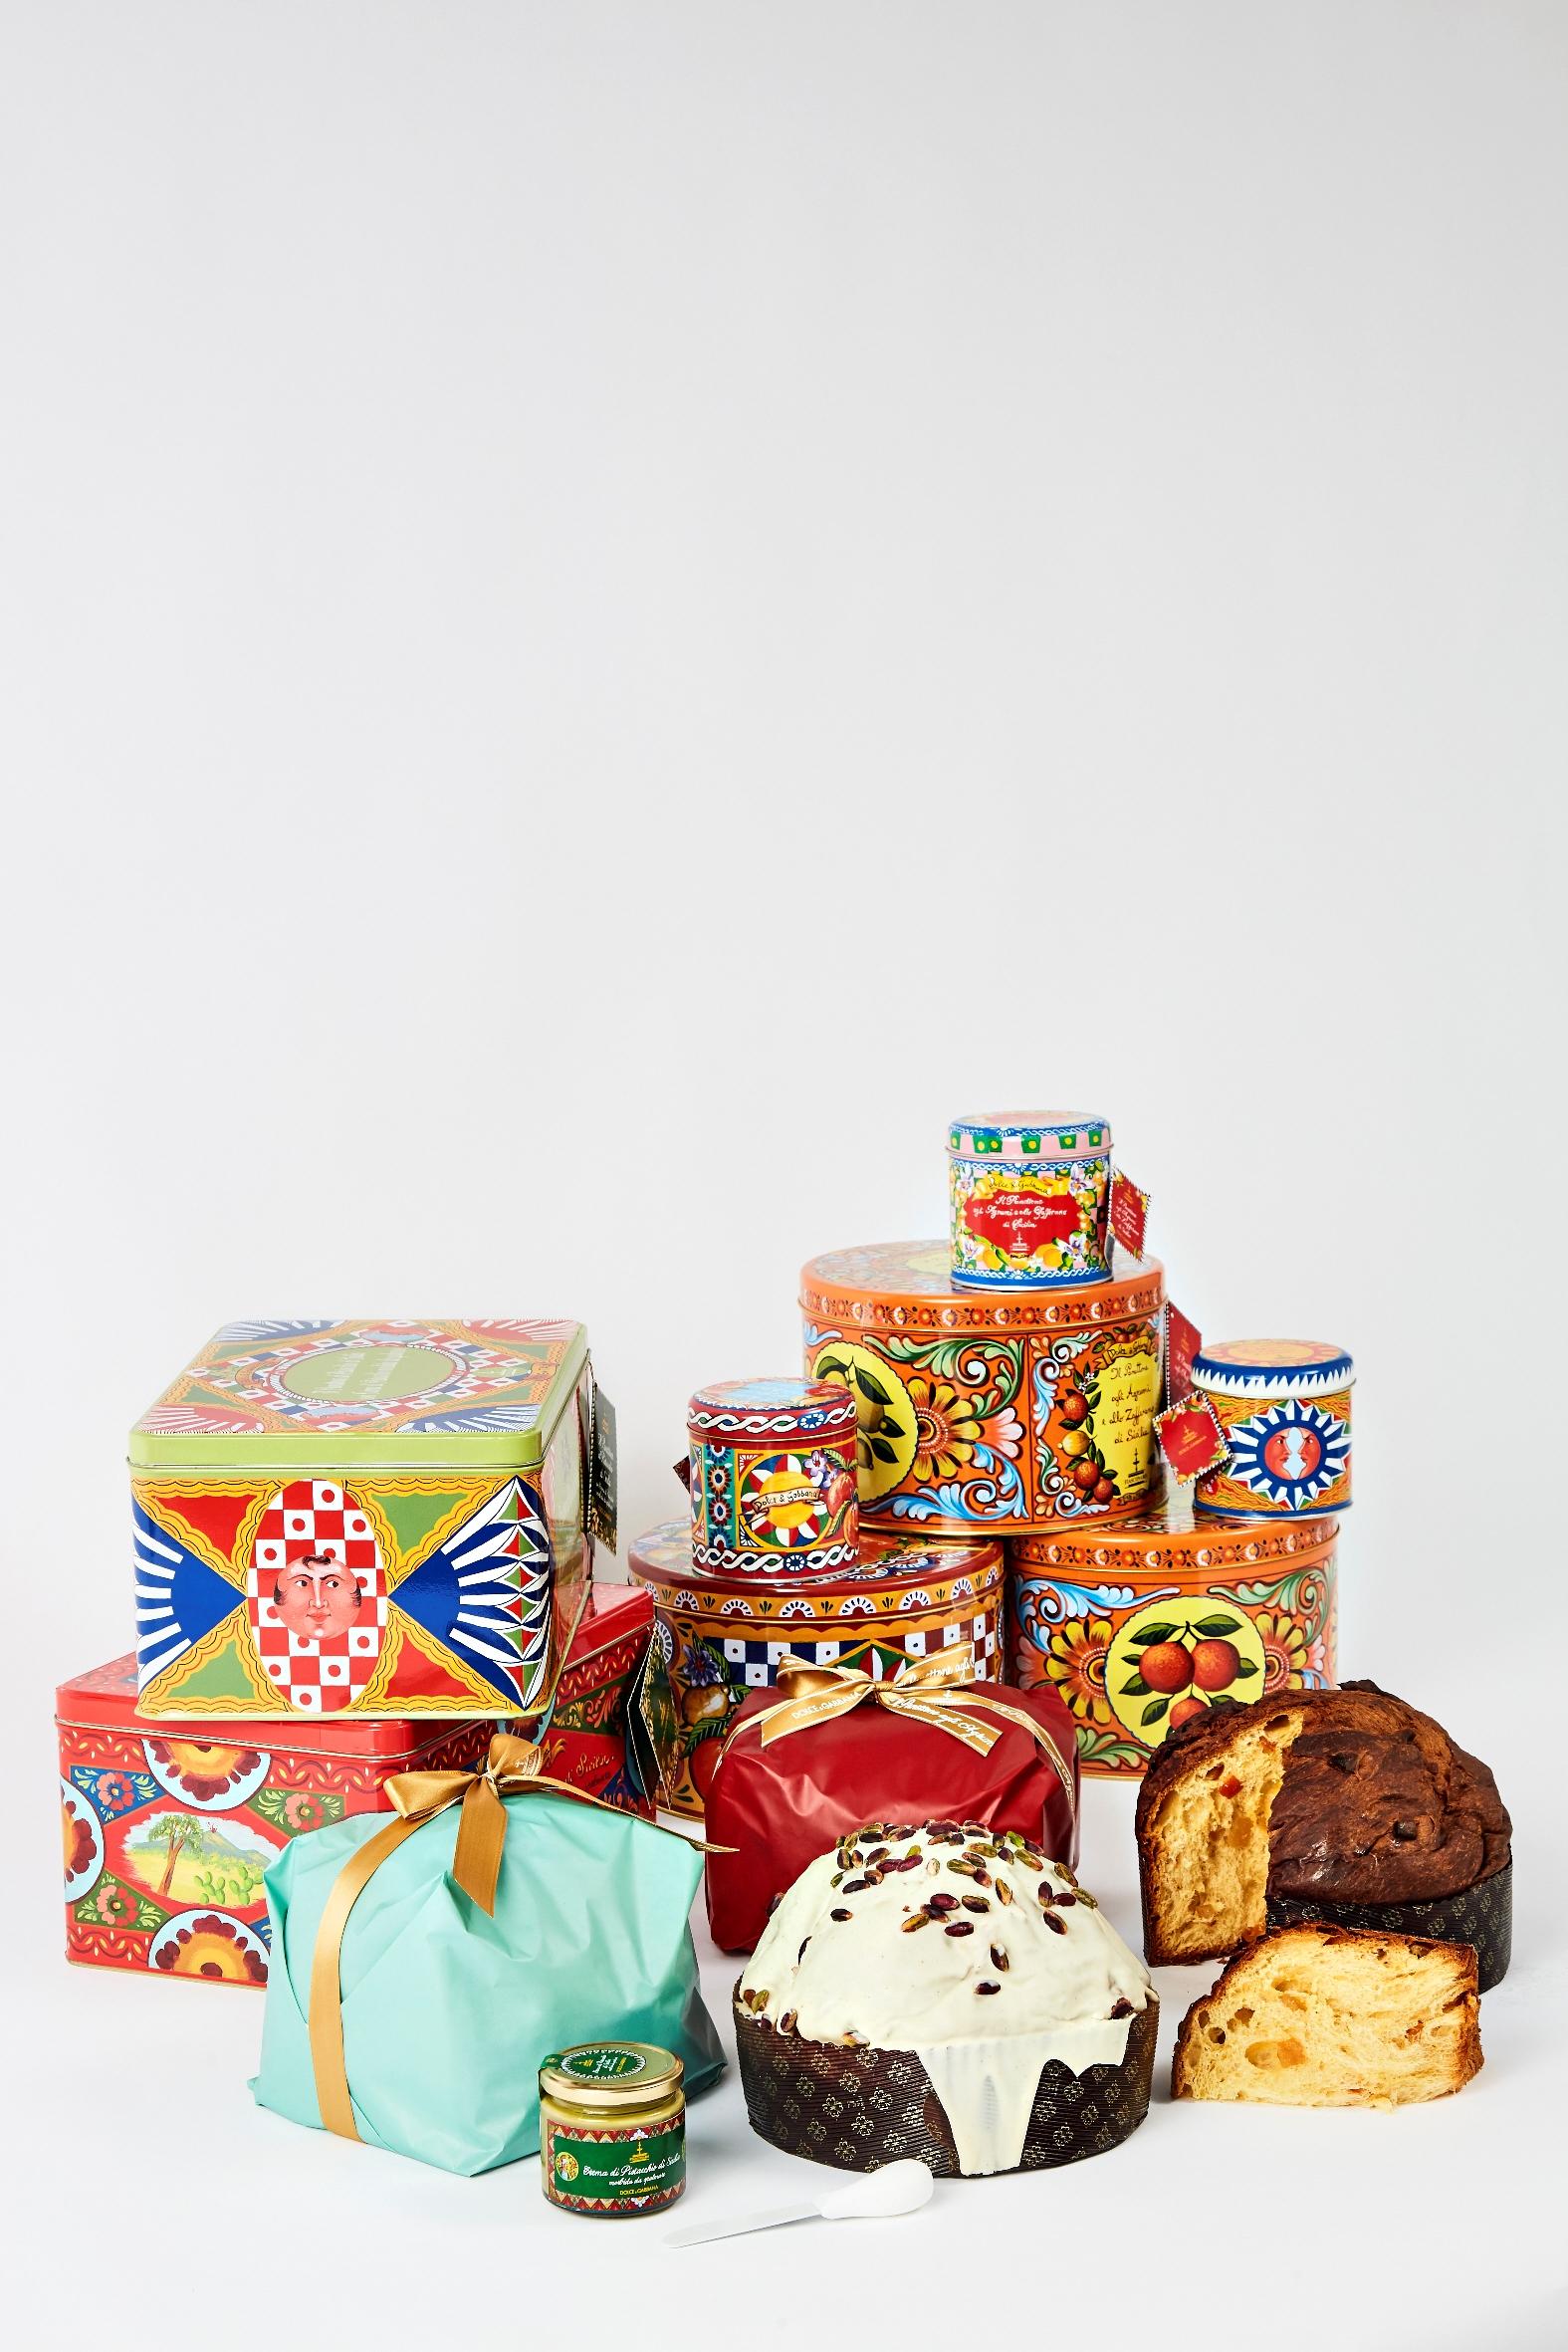 """Dall'incontro fra la creatività di Dolce&Gabbana e l'arte dolciaria di Fiasconaro nonpoteva che scaturire una ricetta unica: il panettone tipicamente milanese rivisitato con i sapori della Sicilia. Gli ingredienti comuni di questo straordinario connubio fra Nord e Sud sono ilrispetto della tradizione e il coraggio di sperimentare, alla ricerca della perfezione. Ma è stato soprattutto l'amore per il prodotto artigianale interamente """"Made in Italy"""", a fondere insieme l'eccellenza della moda e della pasticceria. Dolce&Gabbana e Fiasconaro: due nuove creazioni Nei prossimi mesi, questa magica combinazionetra Fiasconaro e Dolce&Gabbanaoffrirà ai gourmet più esigenti due originalissime dolci creazioni: il panettone da 1"""